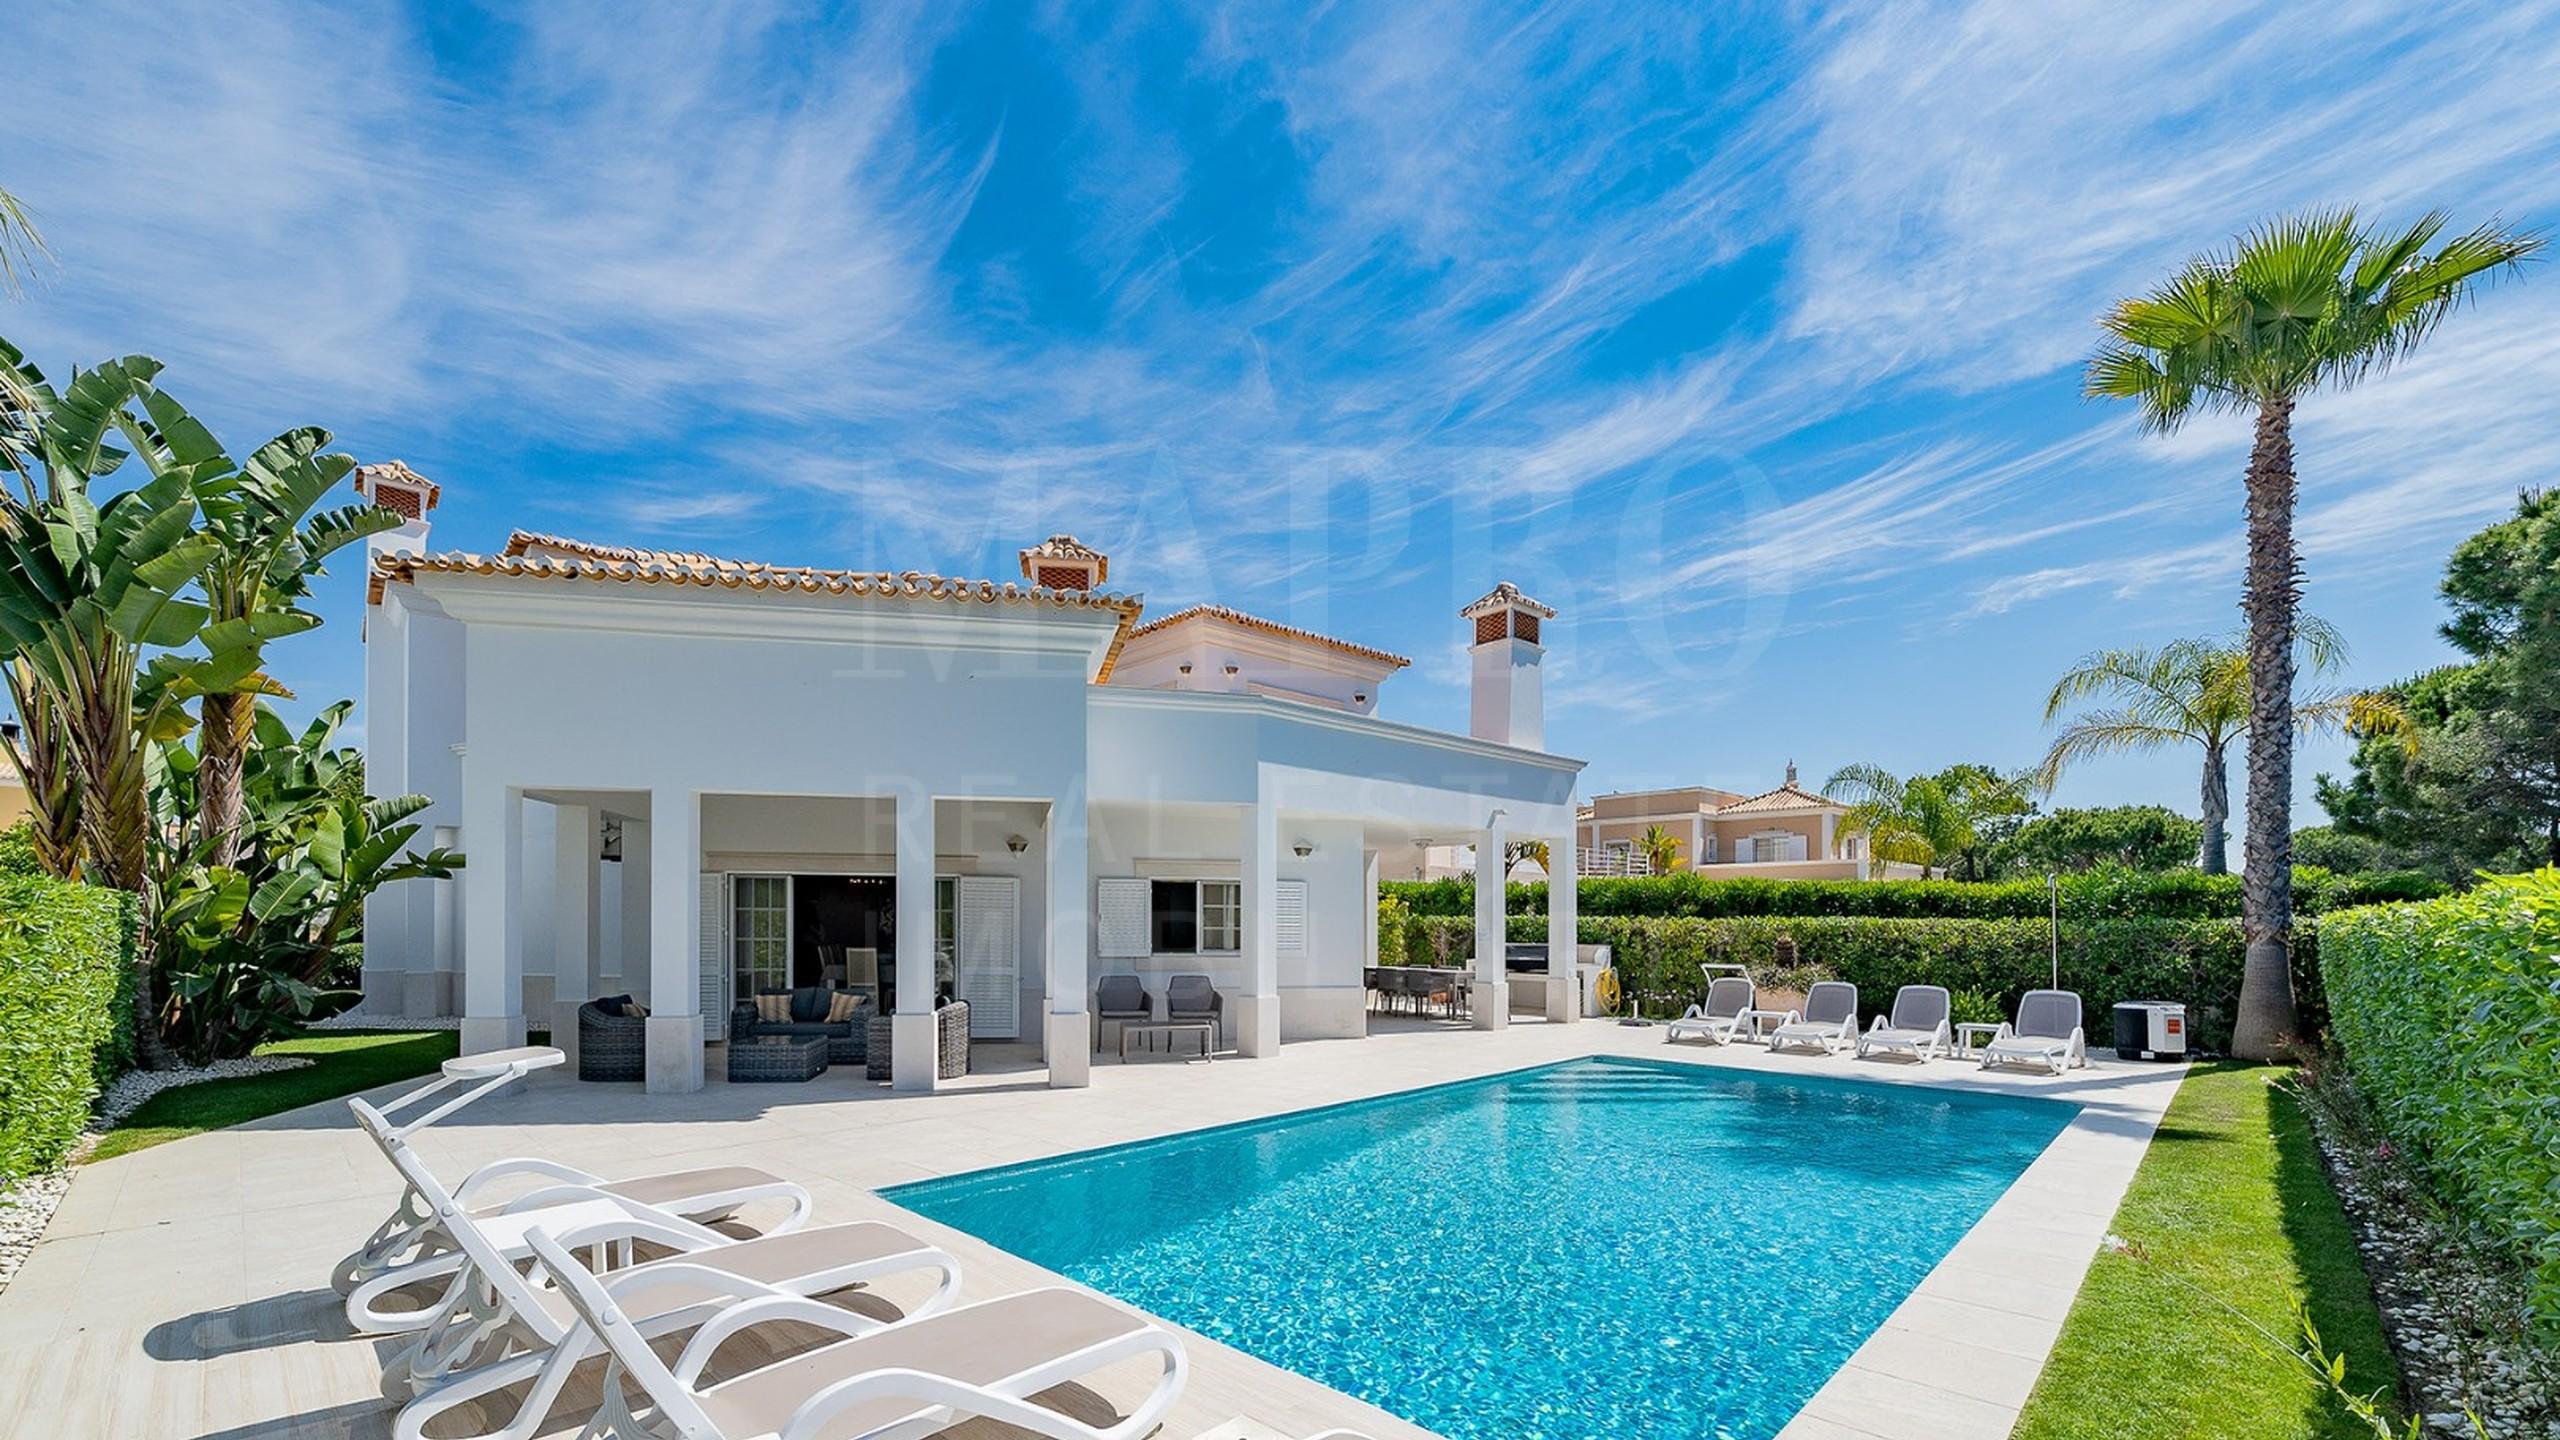 Villa de 4 chambres à vendre à Varandas do Lago